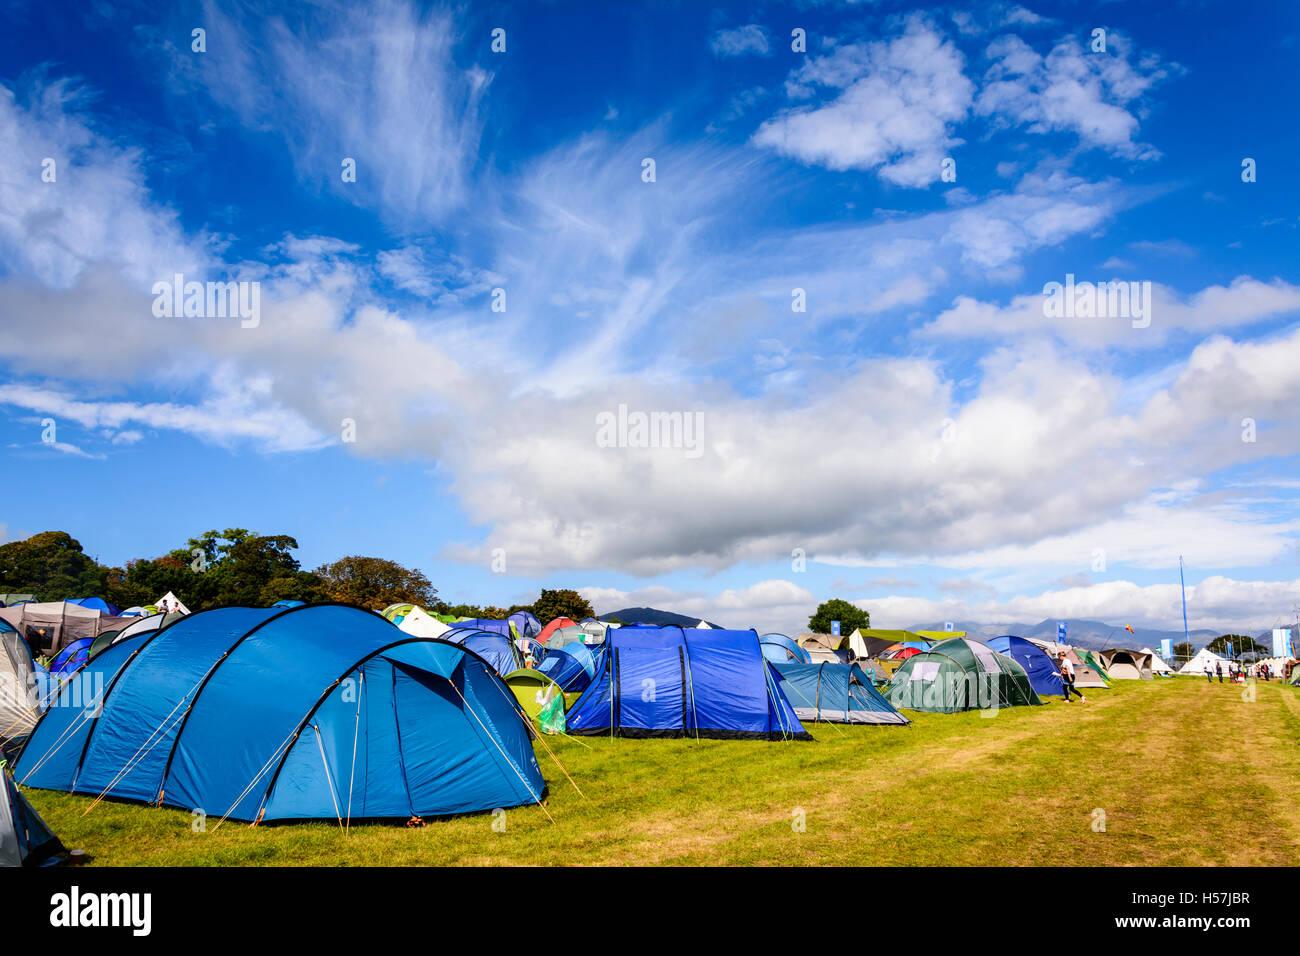 Une collection de tentes aux couleurs vives du camping au Festival no6, Portmeirion, Pays de Galles, Royaume-Uni Banque D'Images